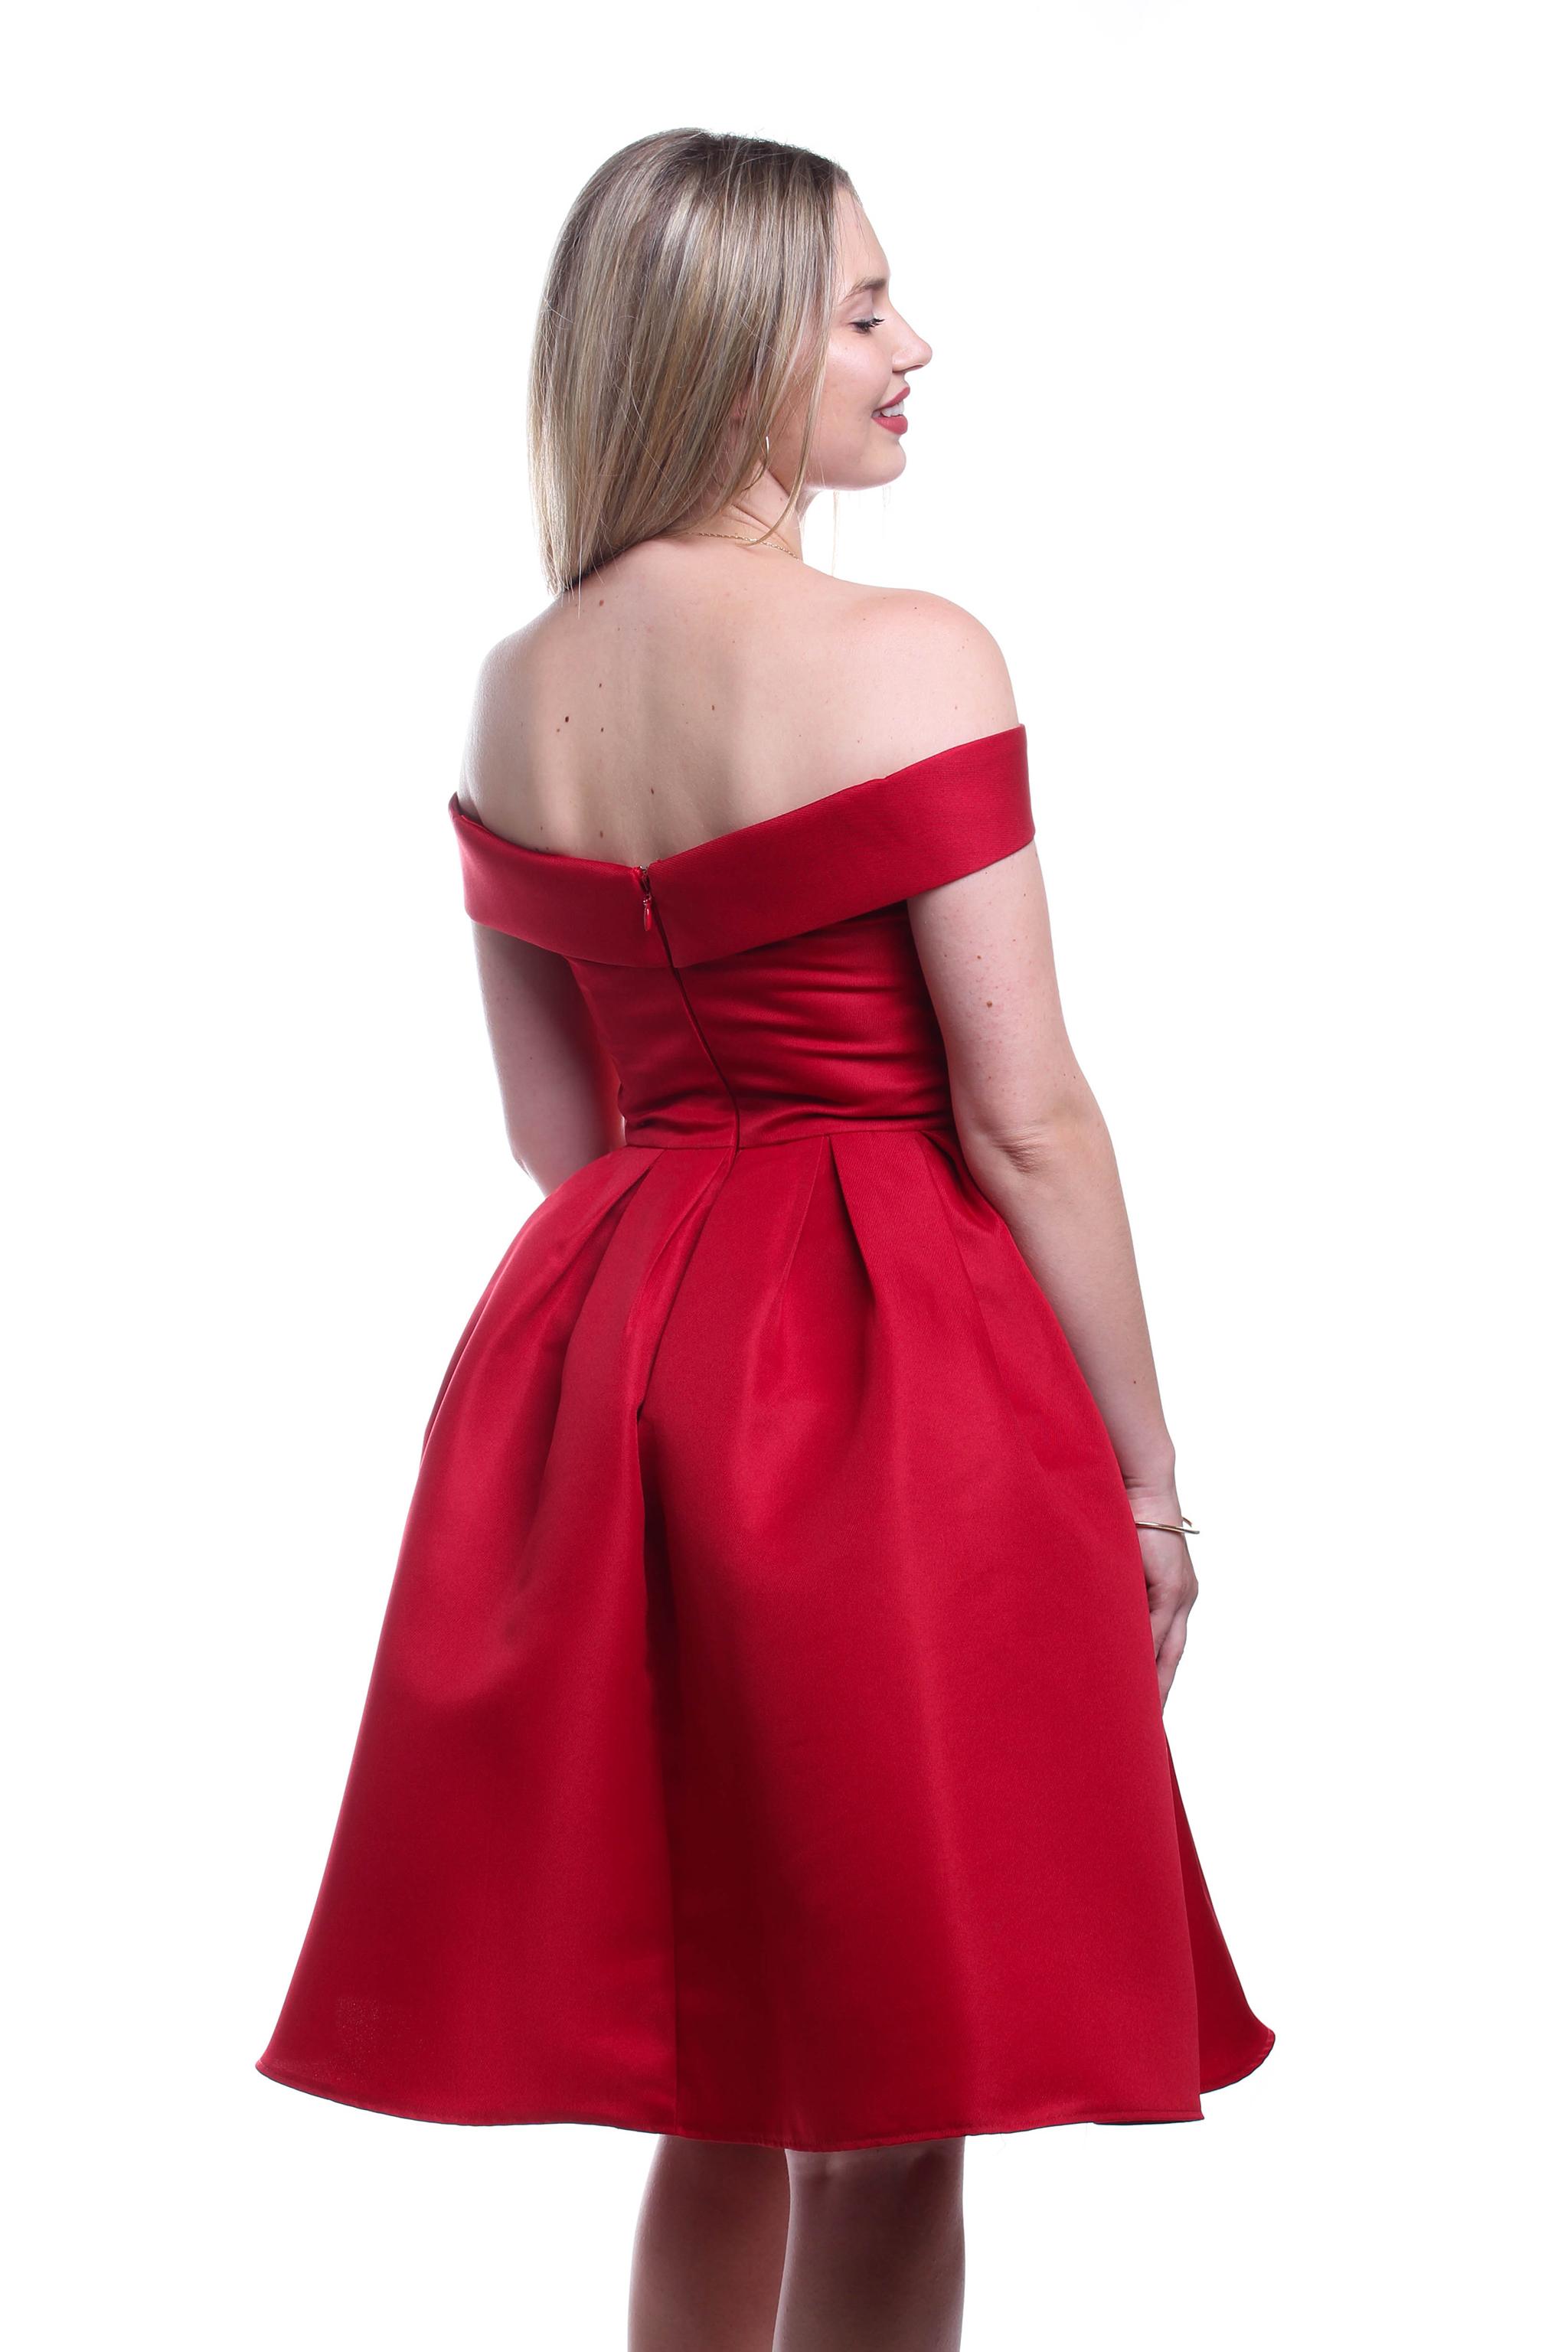 Obrázok 5 Chi-Chi London červené šaty - Shaty fd1b8850624